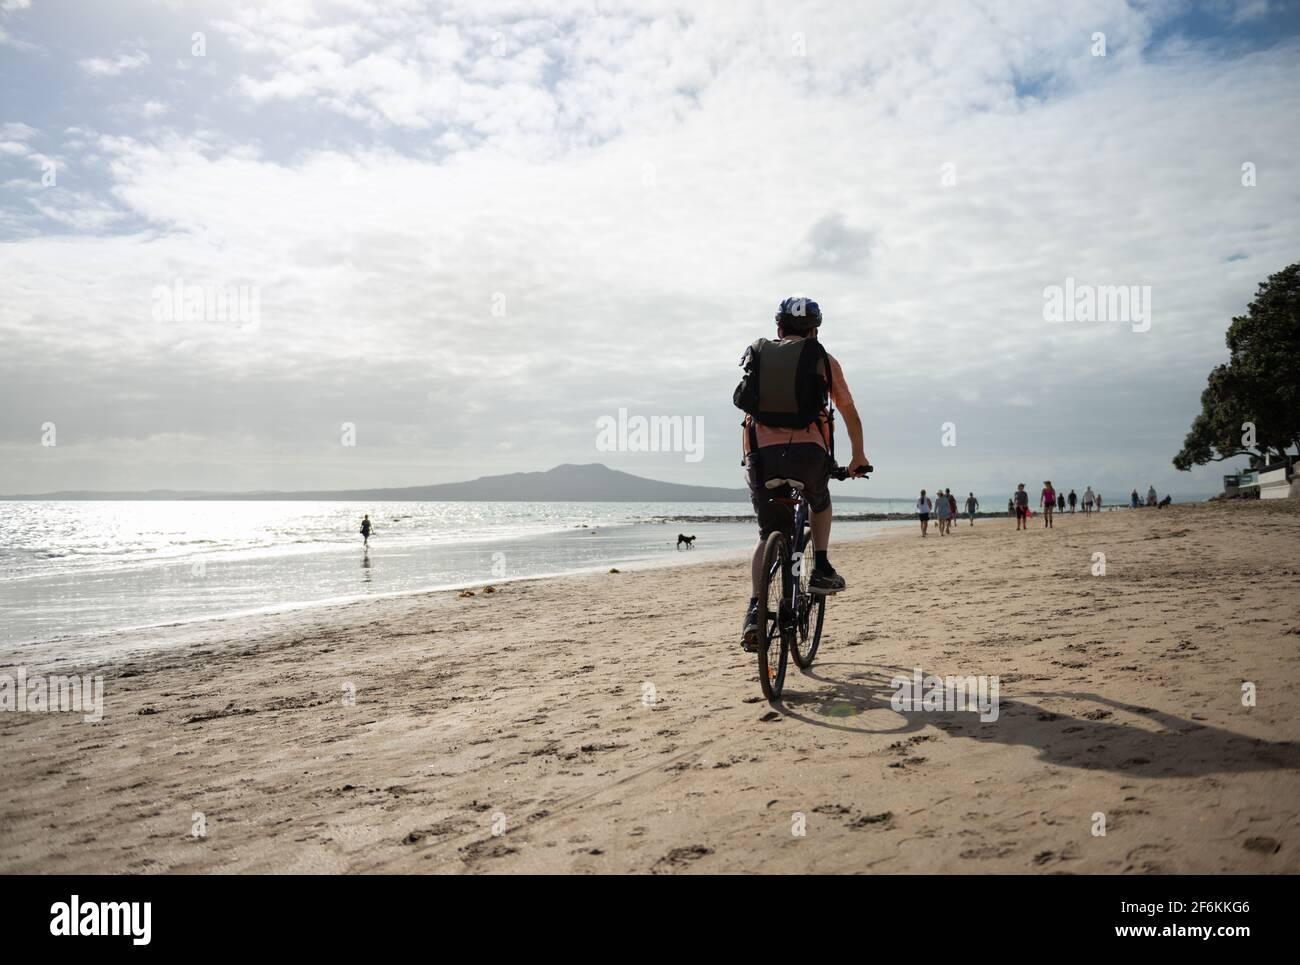 Un hombre en bicicleta en la playa de Milford con la isla Rangitoto en la distancia. Gente y perros desenfocados caminando por la playa. Foto de stock